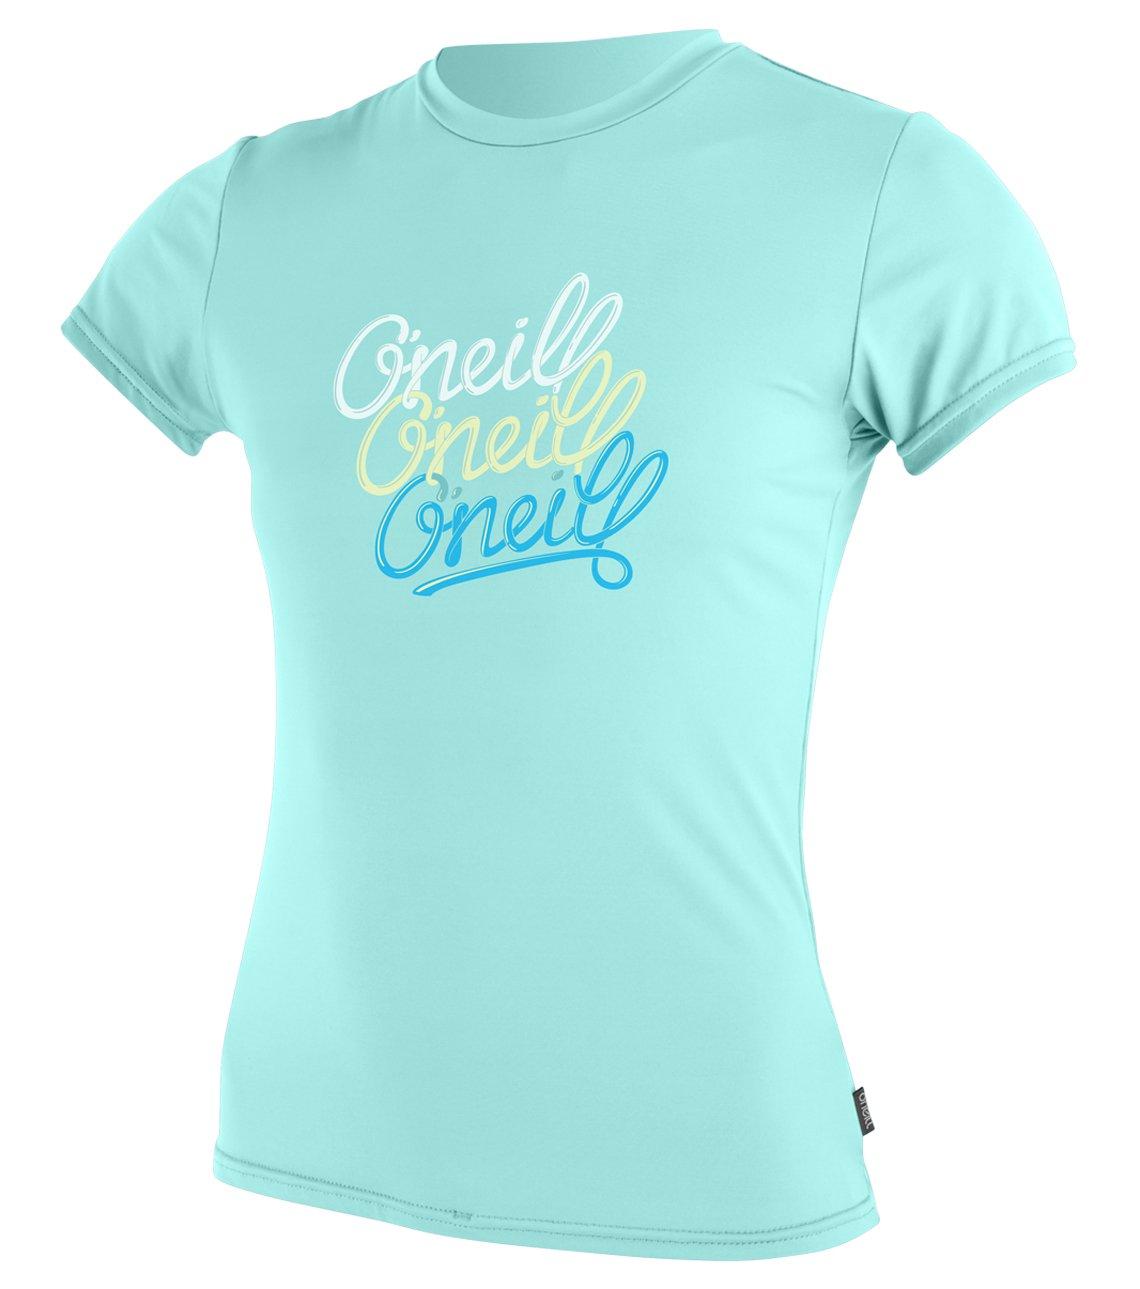 O'Neill Girls Premium Skins UPF 50+ Short Sleeve Sun Shirt, Seaglass, 4